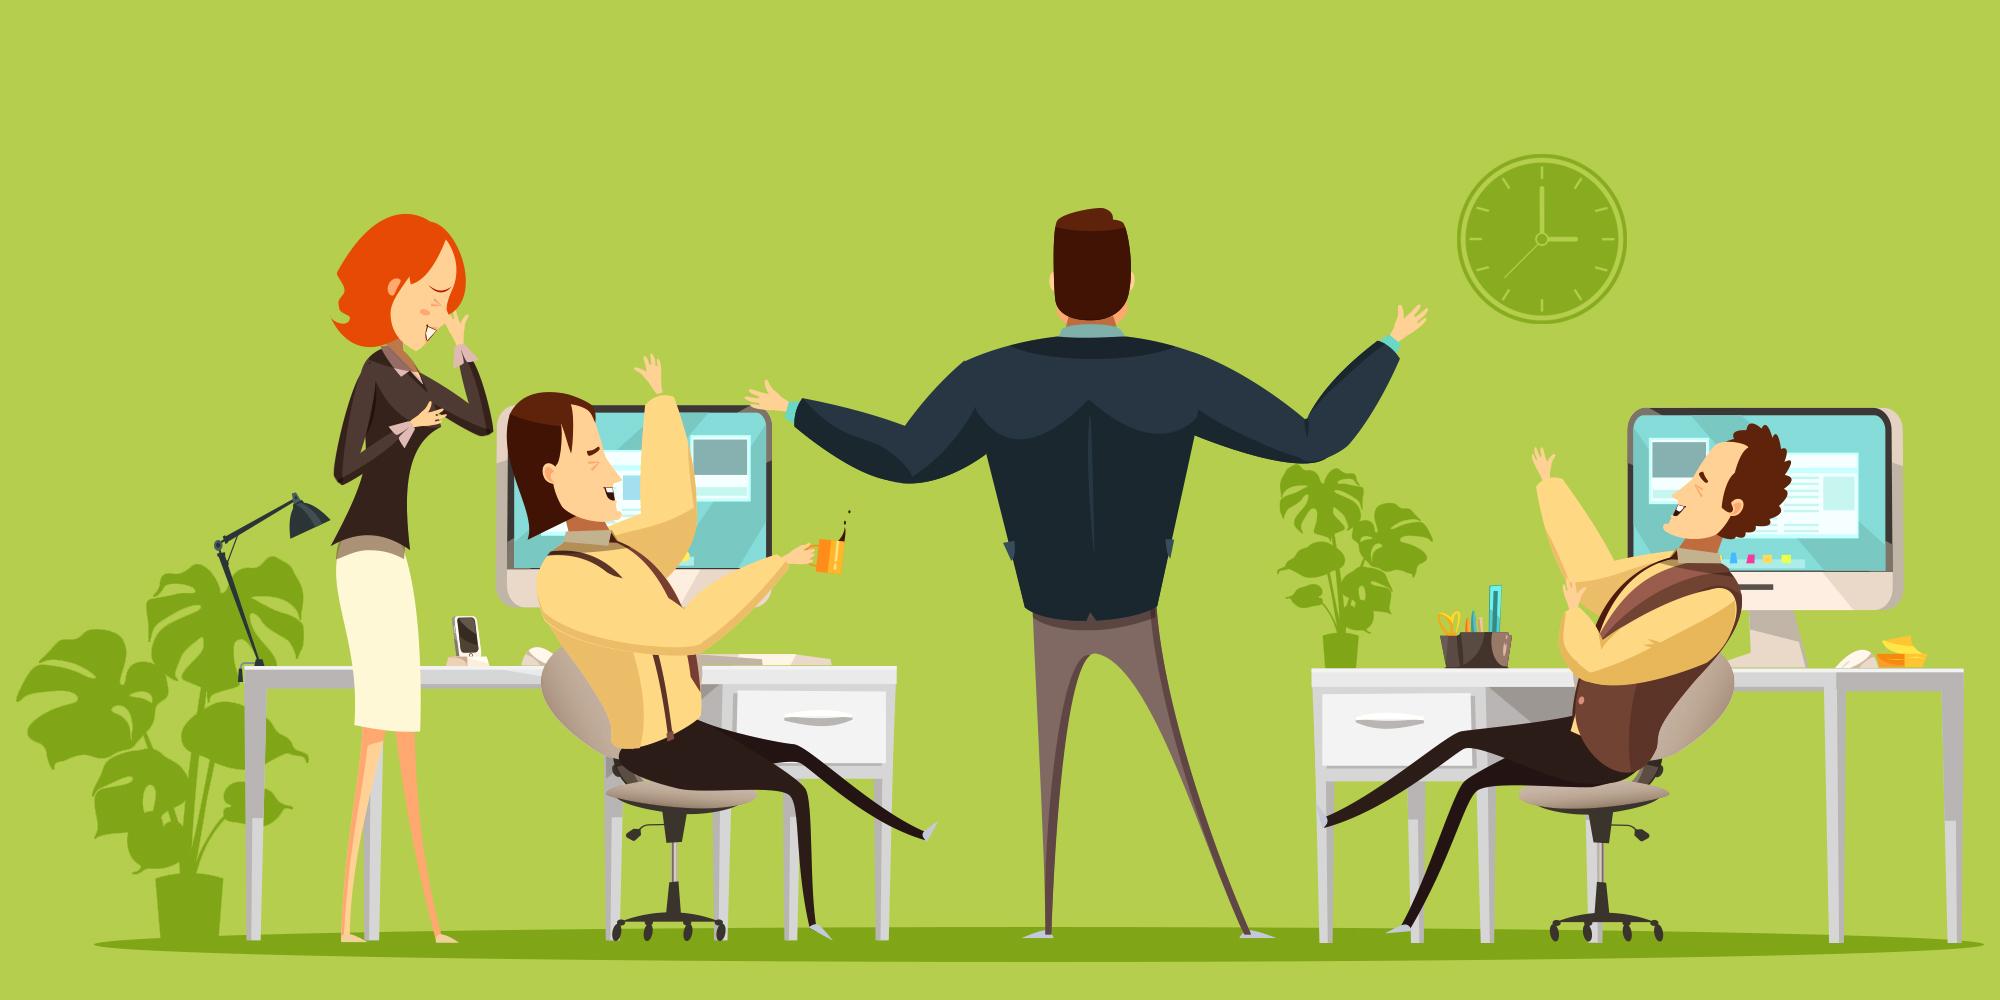 اهمیت تیم در هر کسبوکار